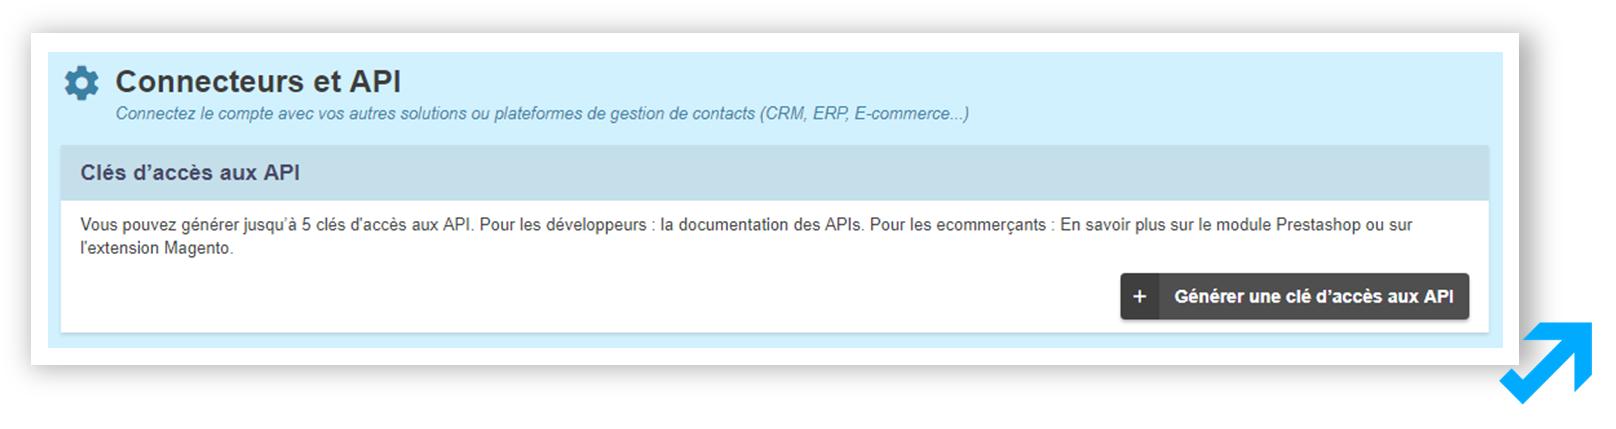 API et connexion CRM Message Business